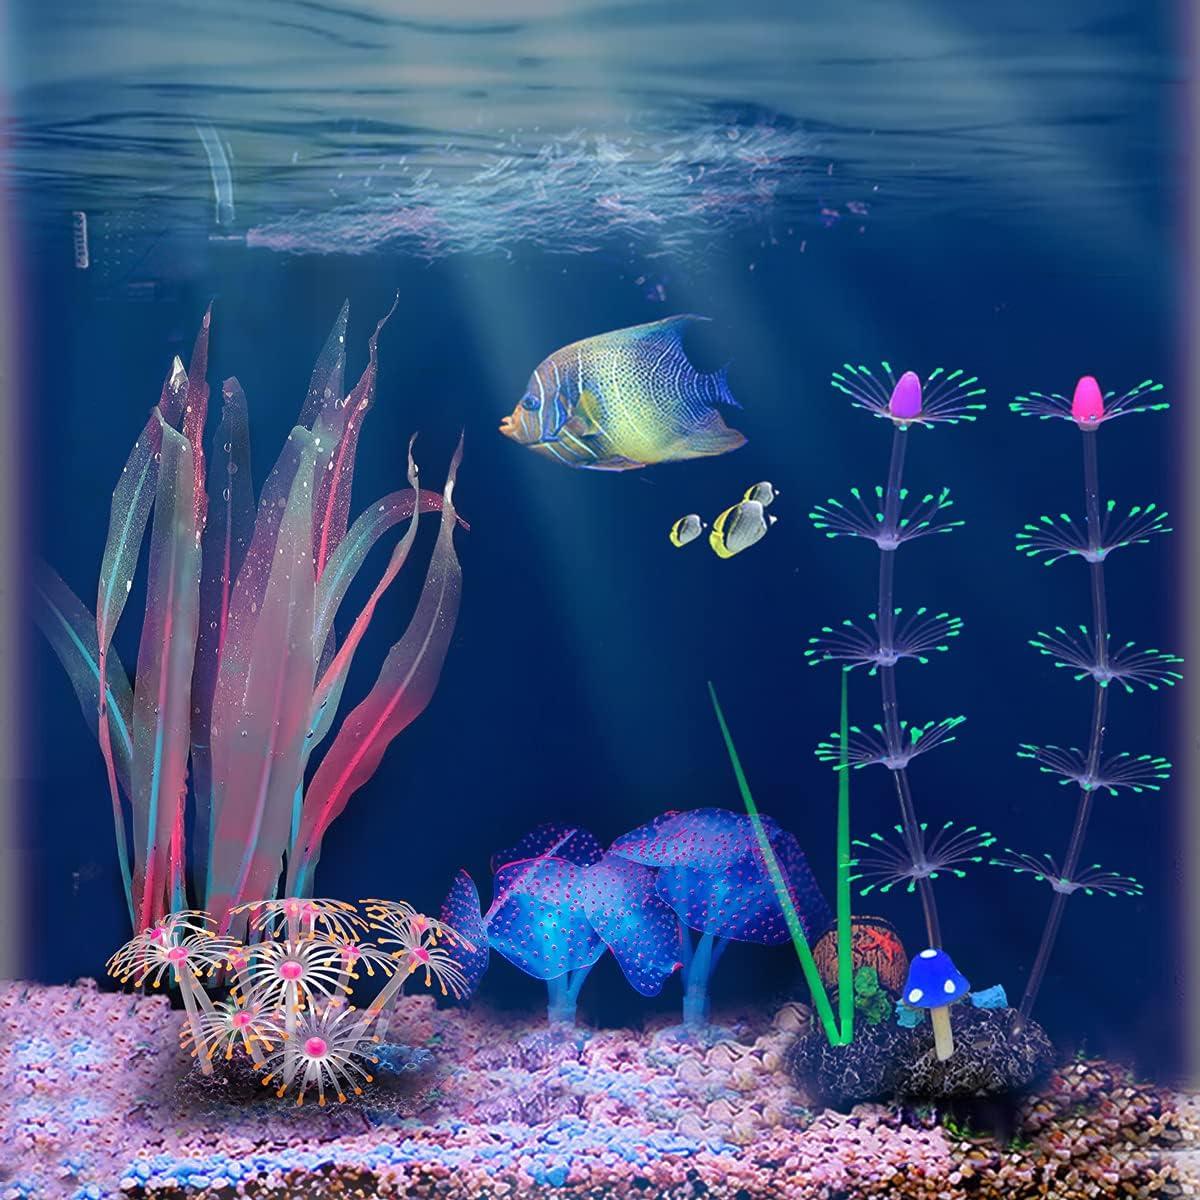 N\W Max 59% OFF Glow Fish Tank Stand Cheap SALE Start Decorations Assecories w Aquarium